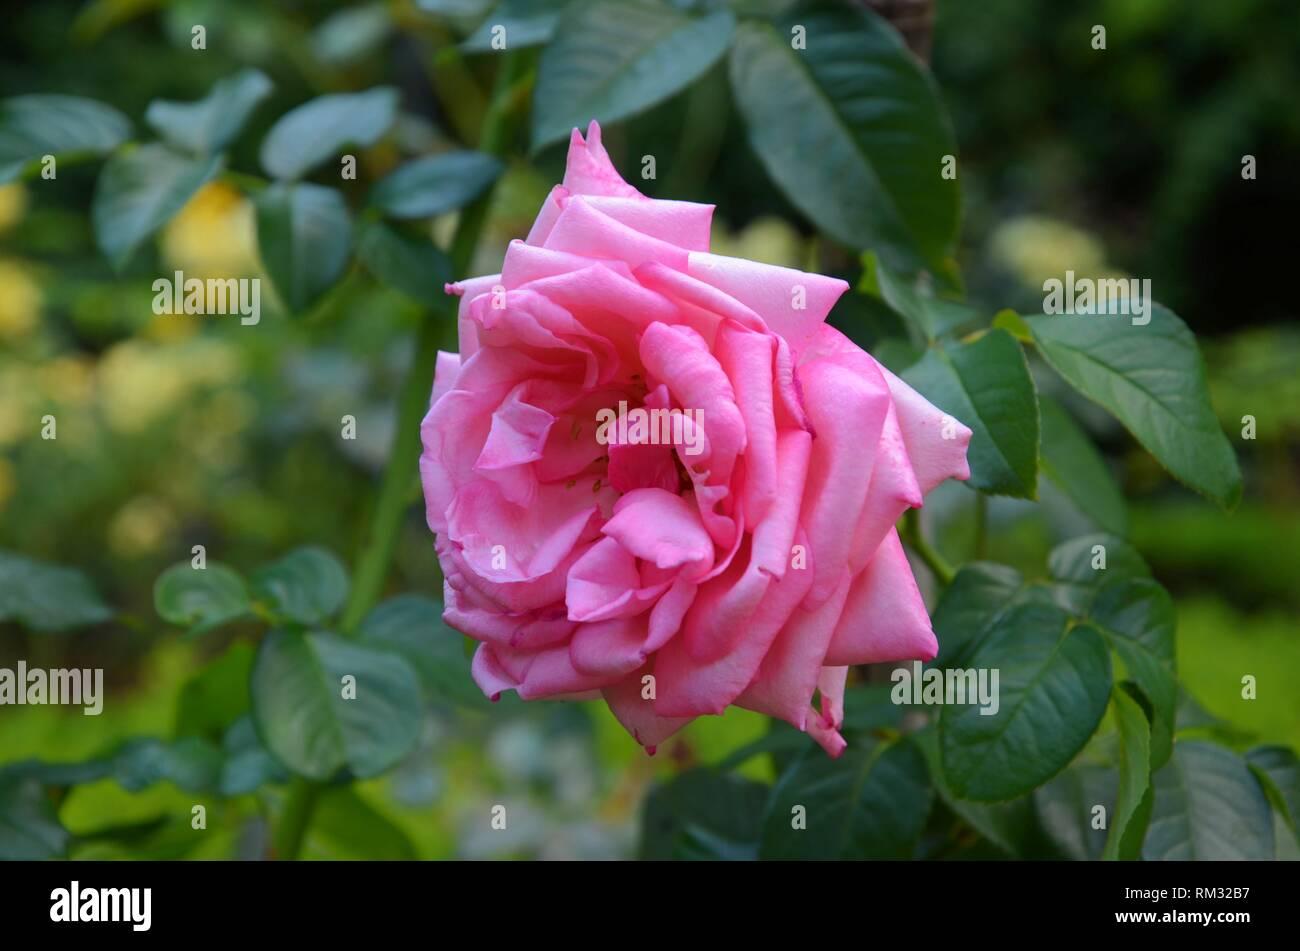 Solitario y vibrante, esta es la vida de las flores en el jardín de ...